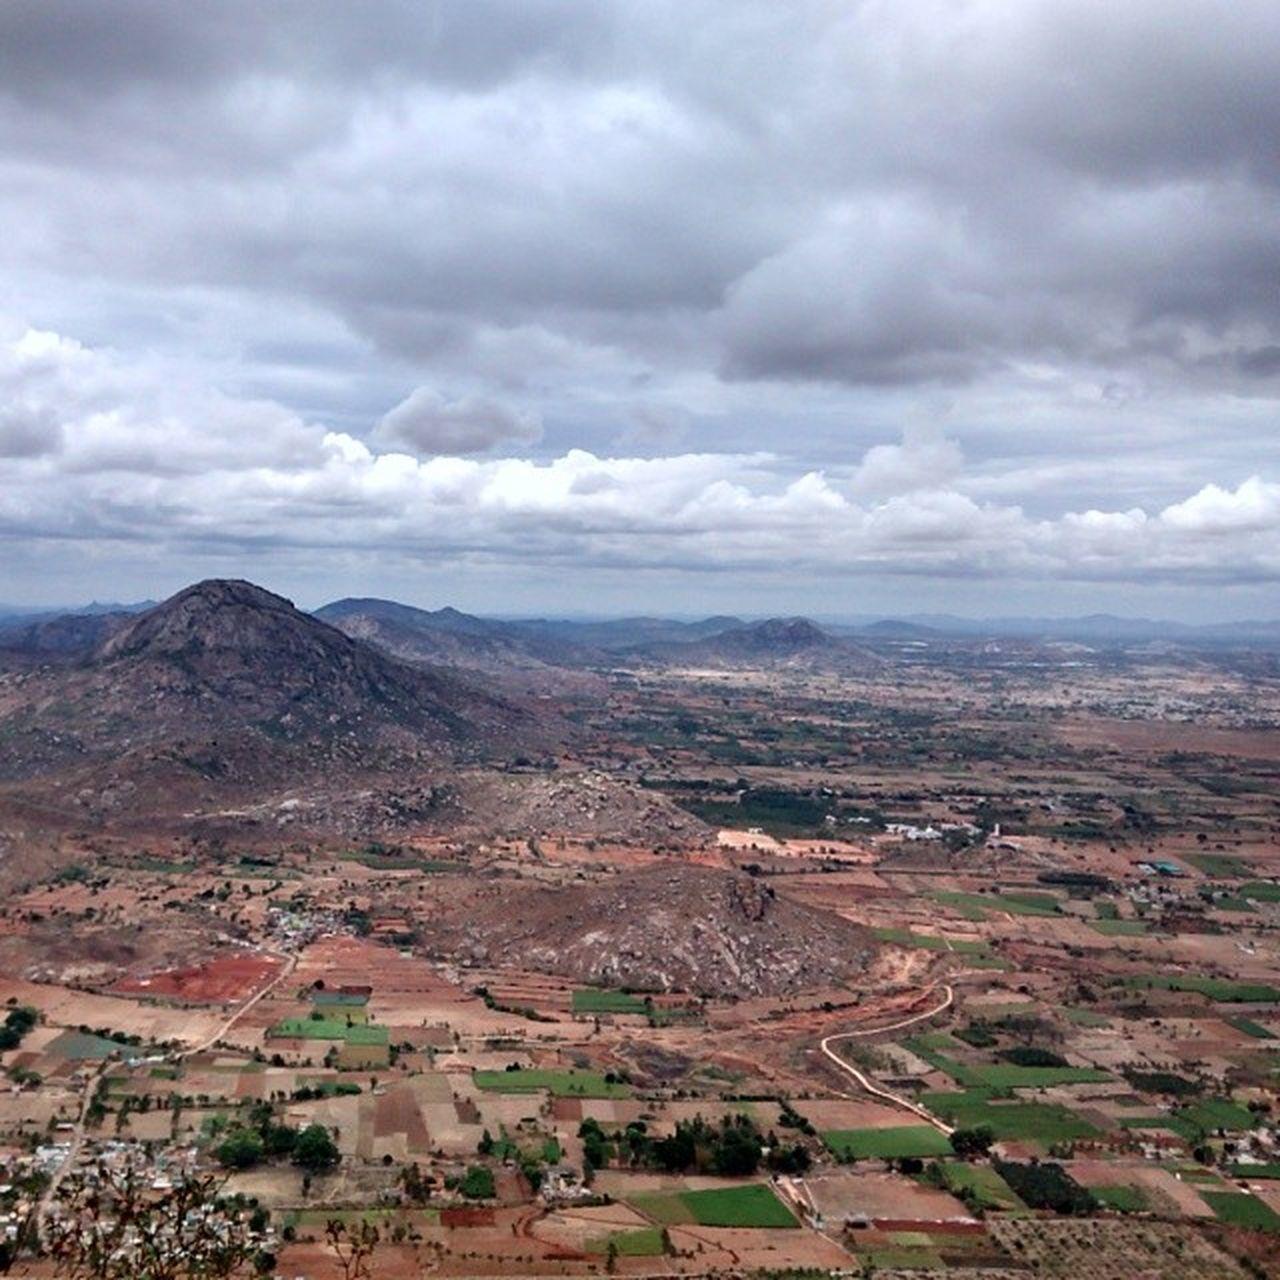 View from Nandi Hills. Cloudyskies Beginningofthecoolweather Bangalore Bluefoot Hump Nandi Hills Farmland